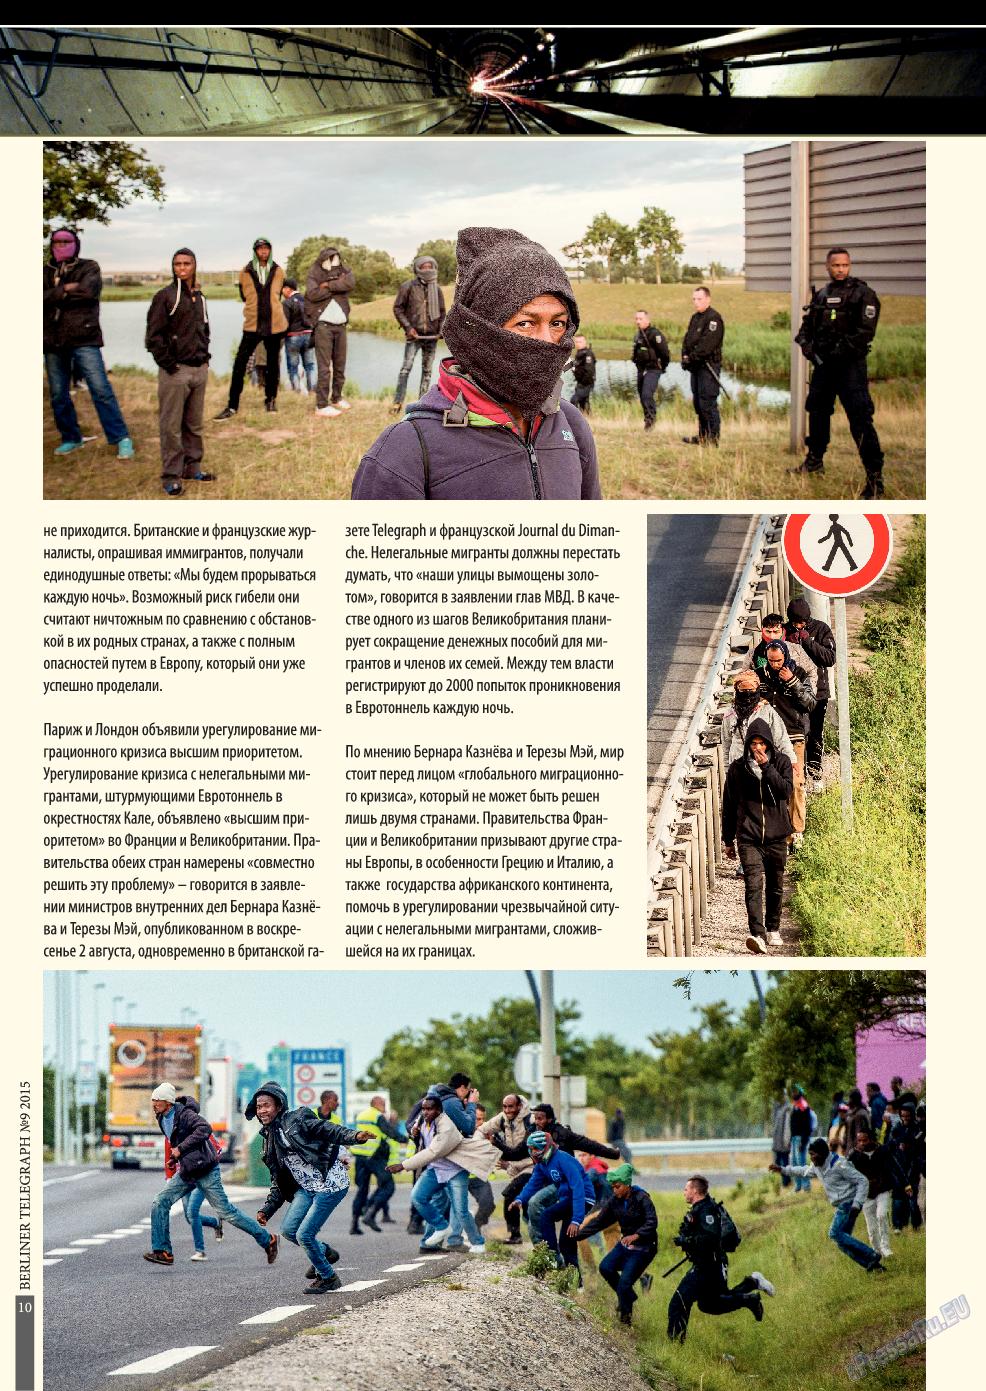 Берлинский телеграф (журнал). 2015 год, номер 9, стр. 10